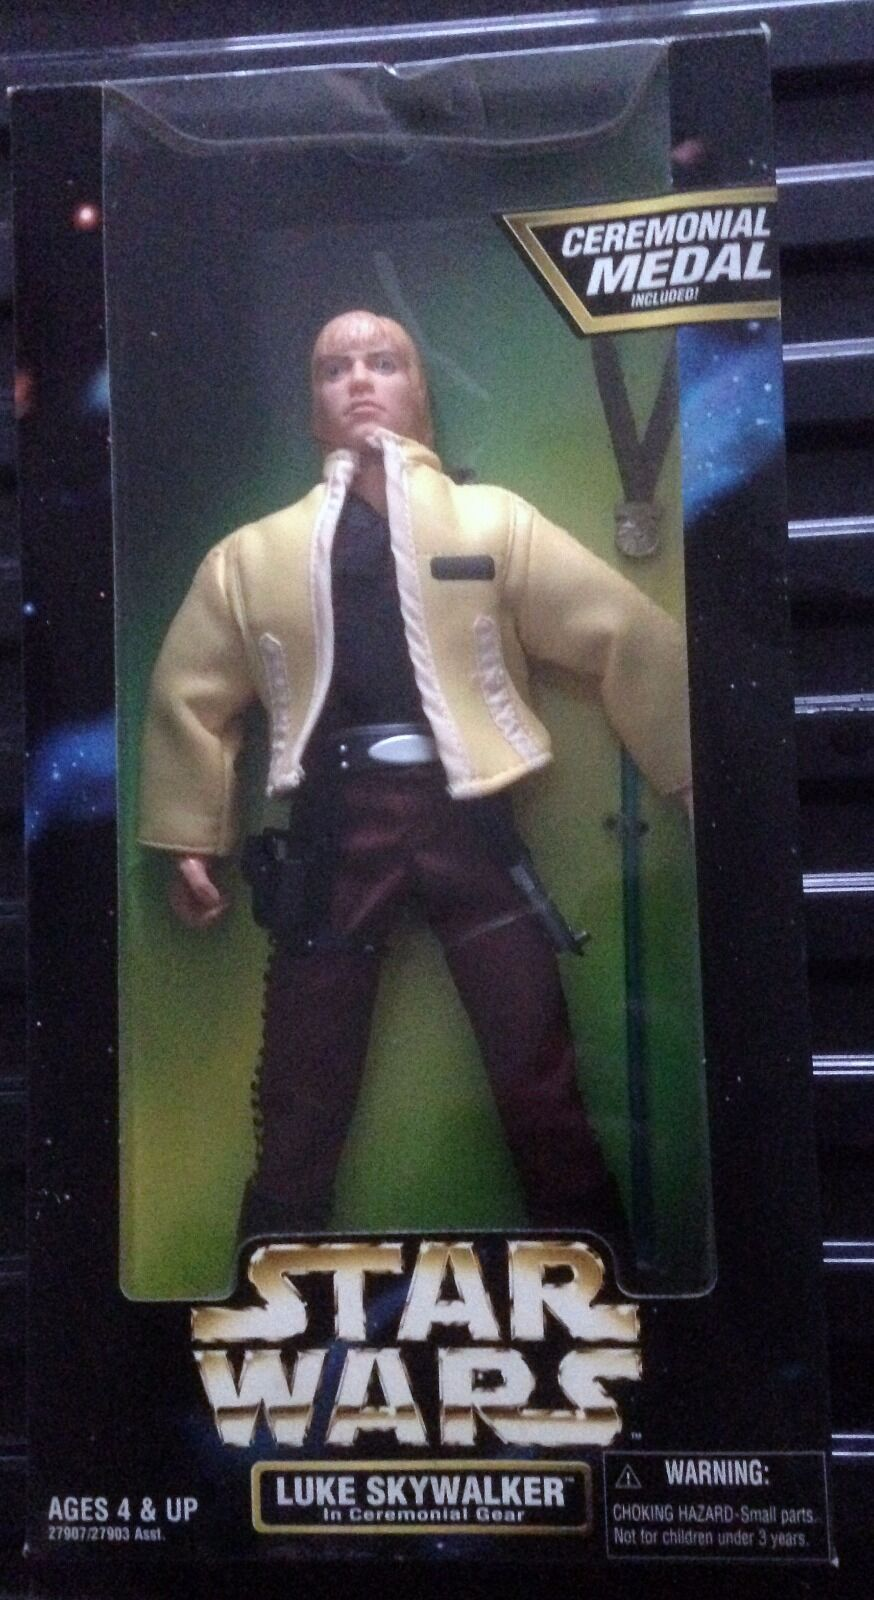 Star Wars Wars Wars Luke Skywalker In Ceremonial Gear 12'' 12e07c